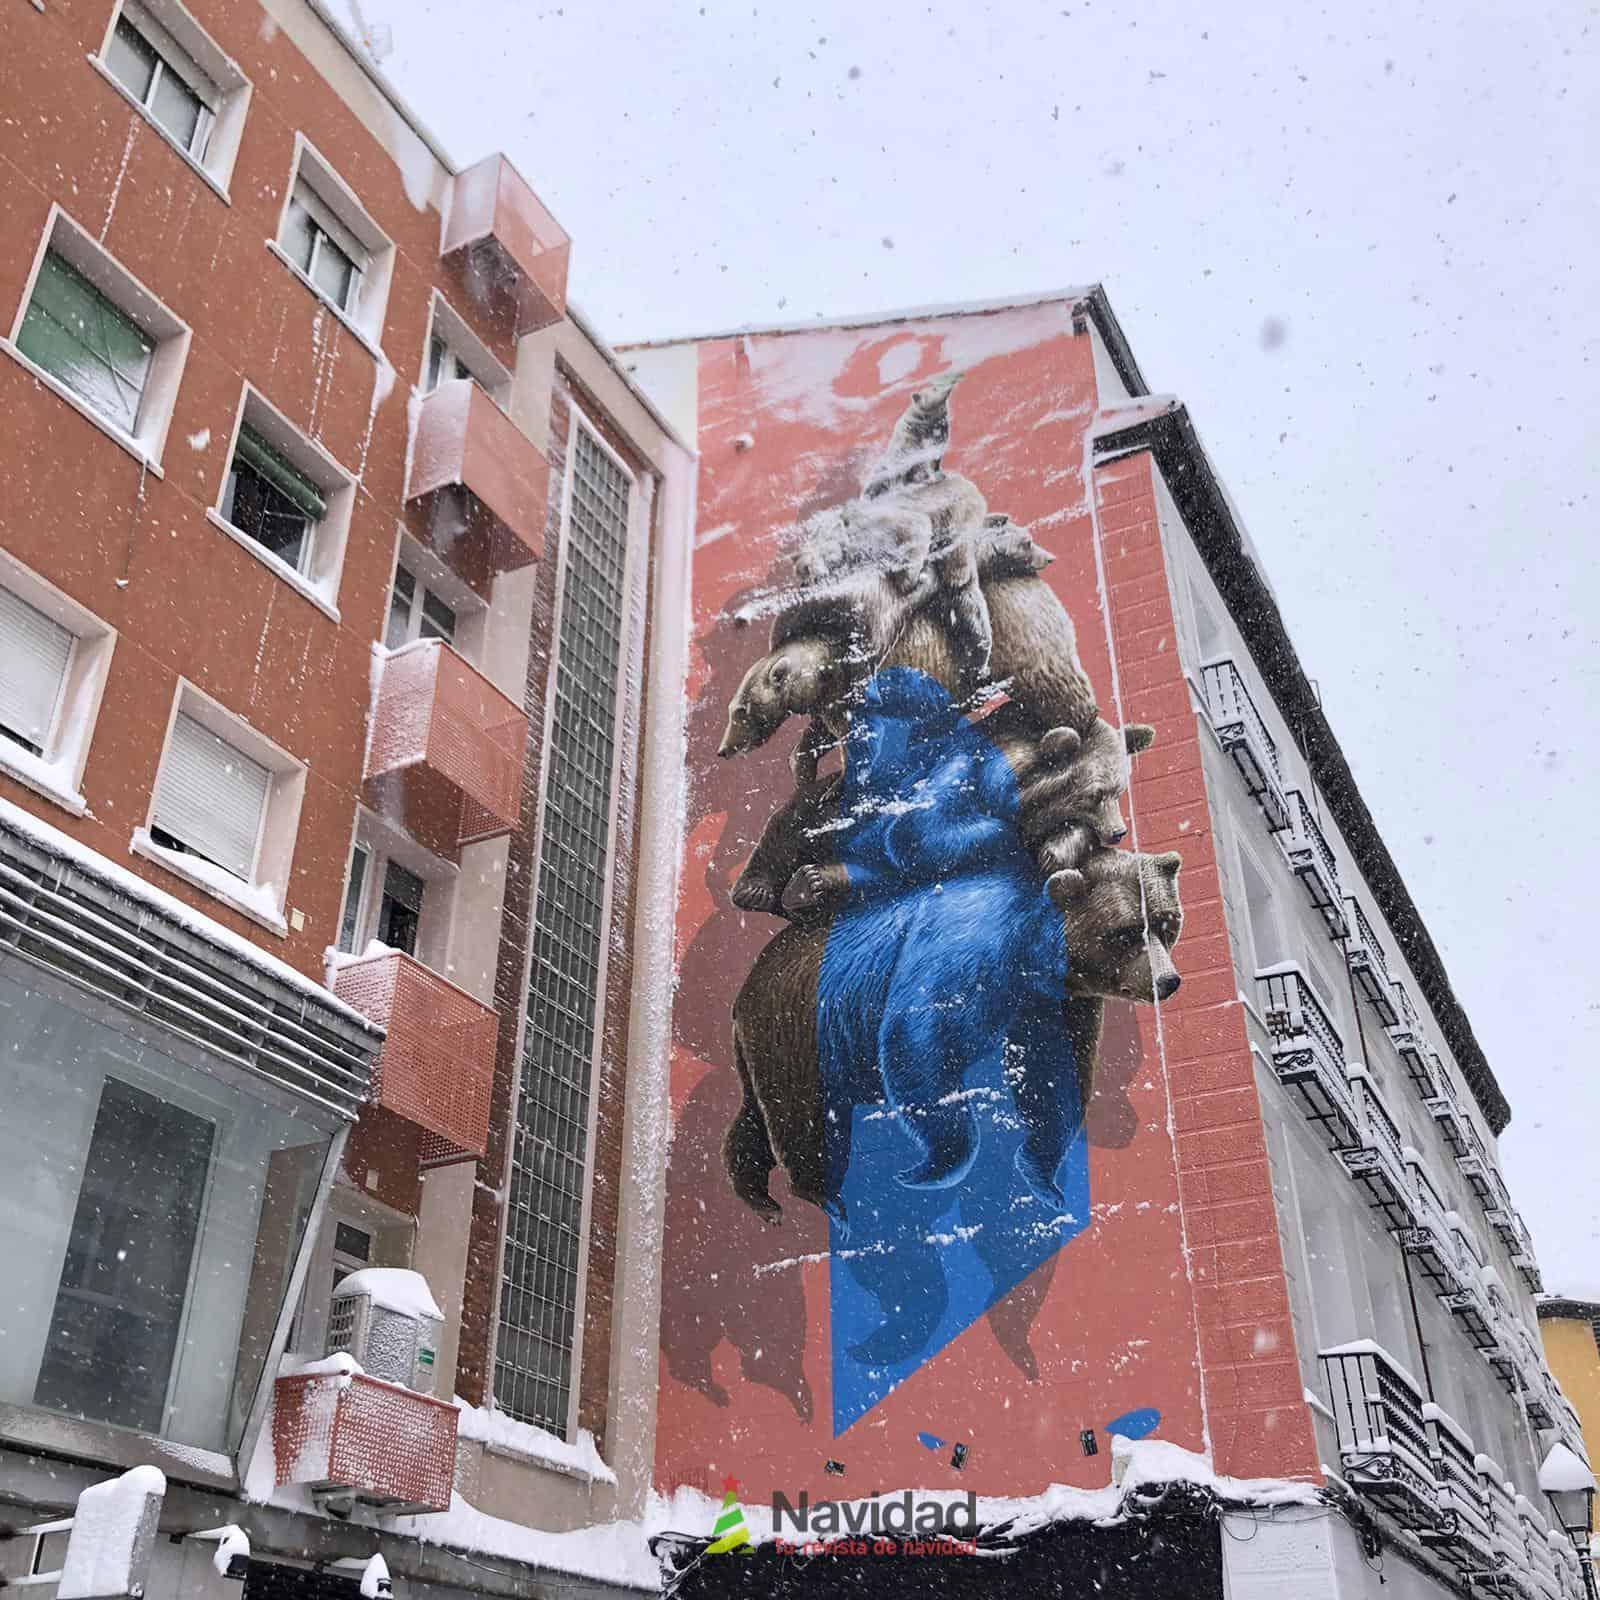 Fotografías de la nevada de enero en Madrid (España) 198